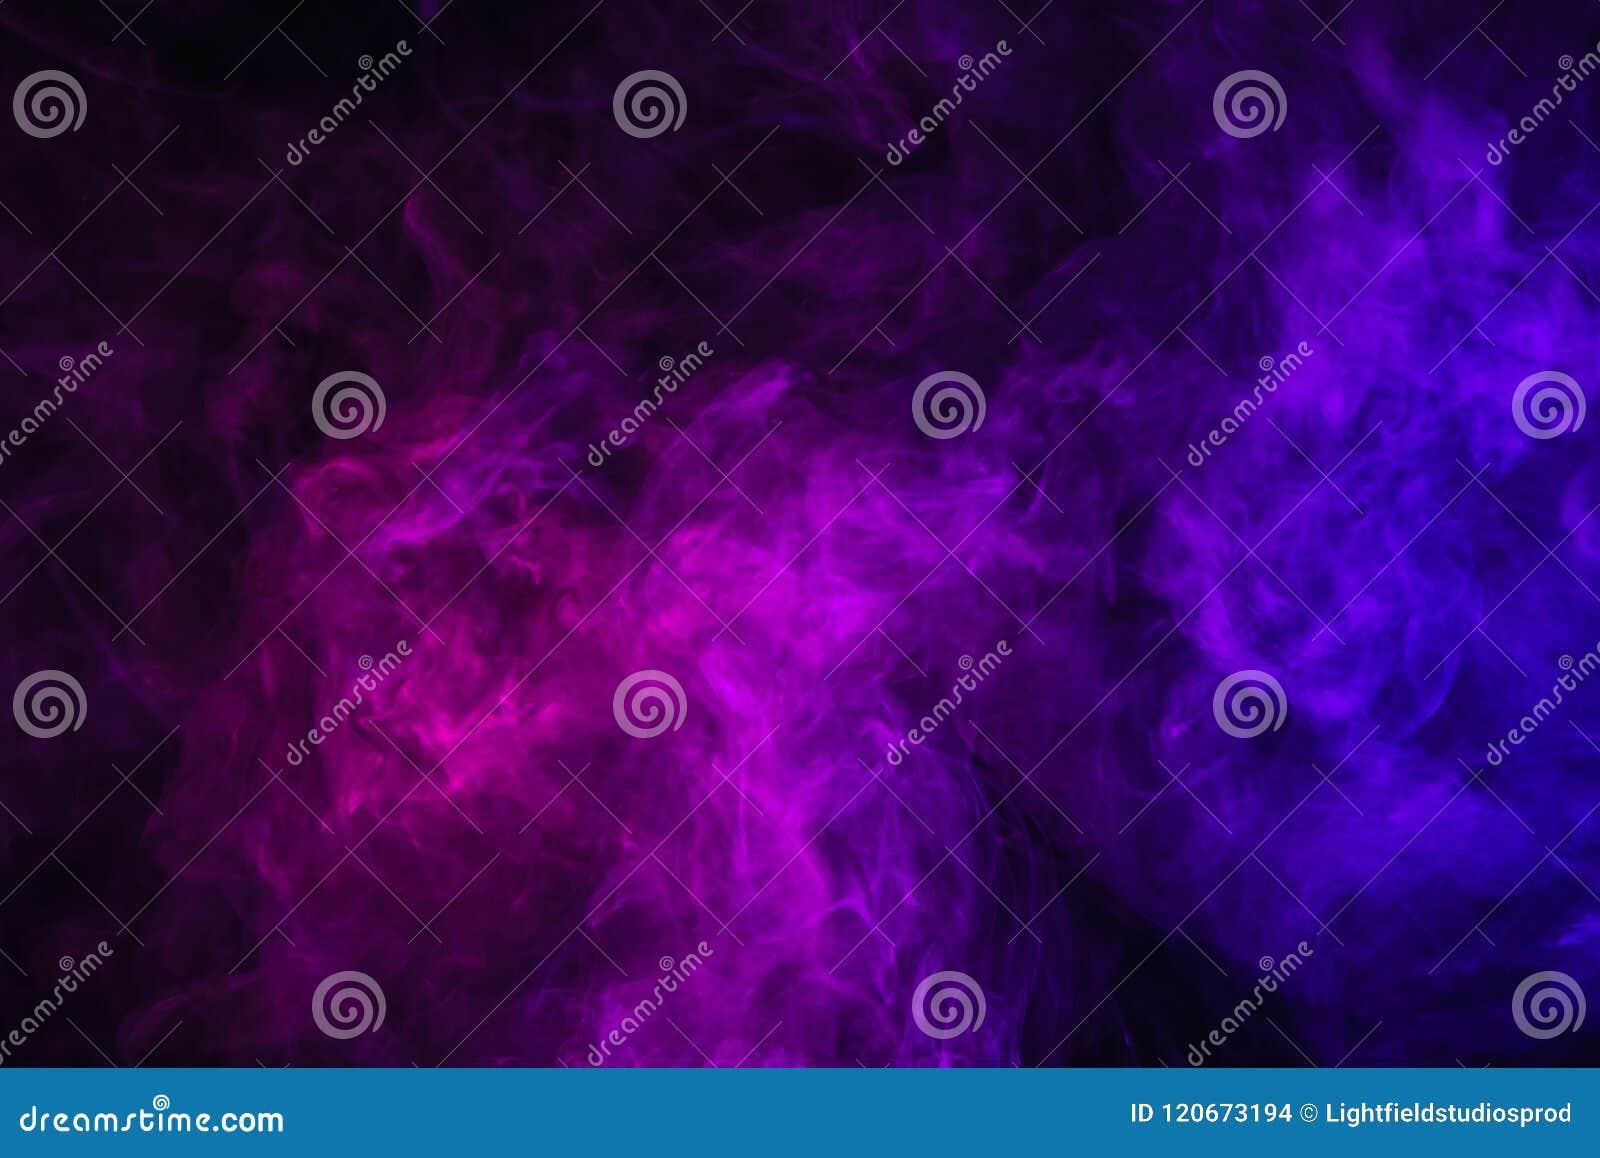 Violette rook op zwarte achtergrond